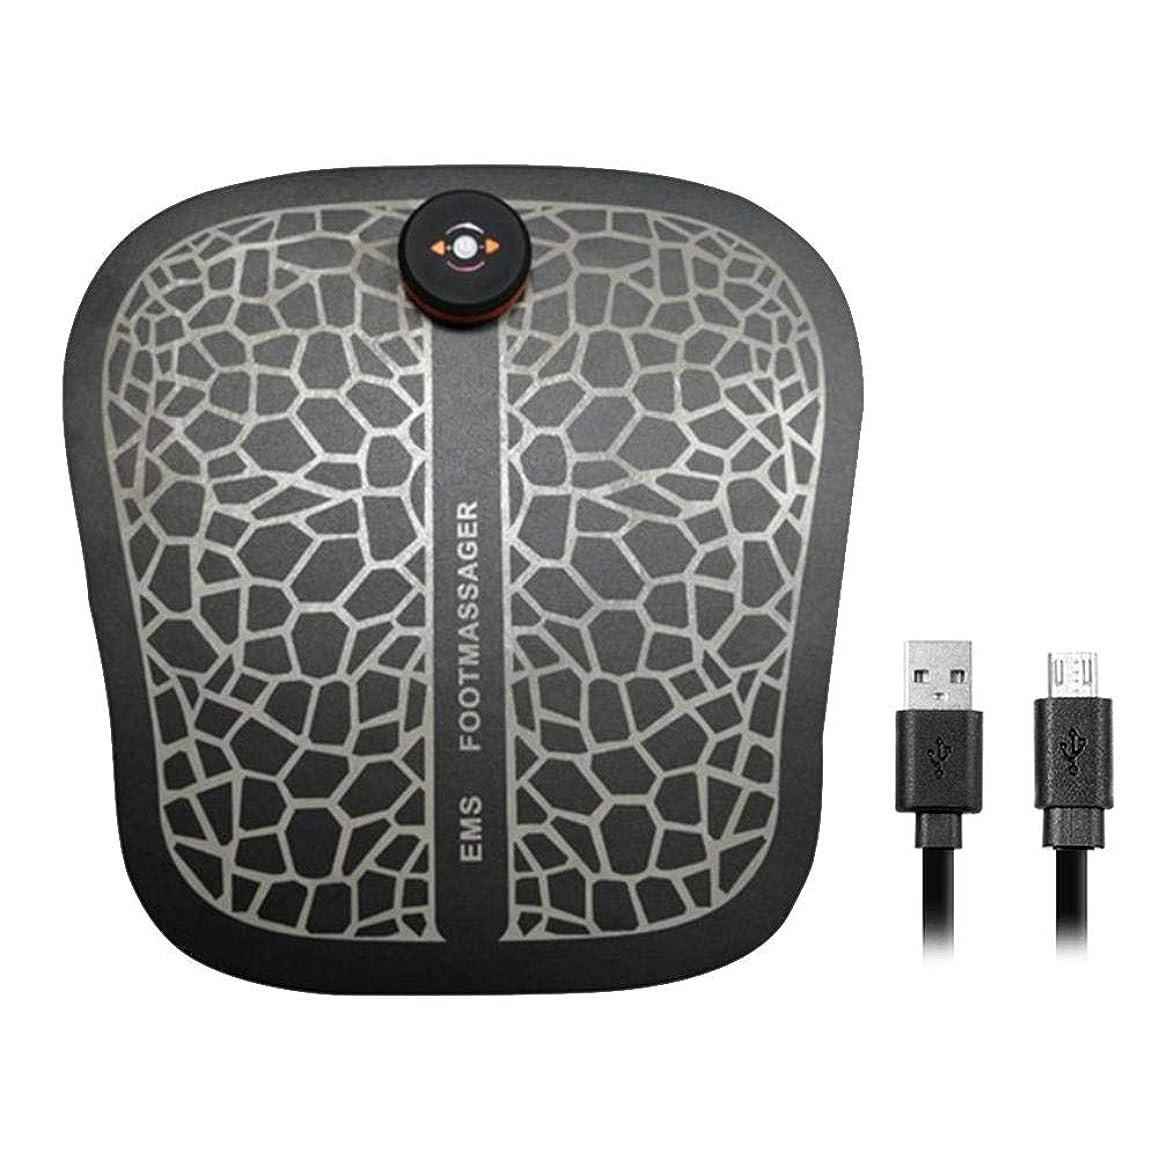 モデレータタービンとまり木フットフィット フットマッサージャー EMS 理学療法 USB充電振動 痛みを和らげる 疲労軽減する PUレザー フットパッド